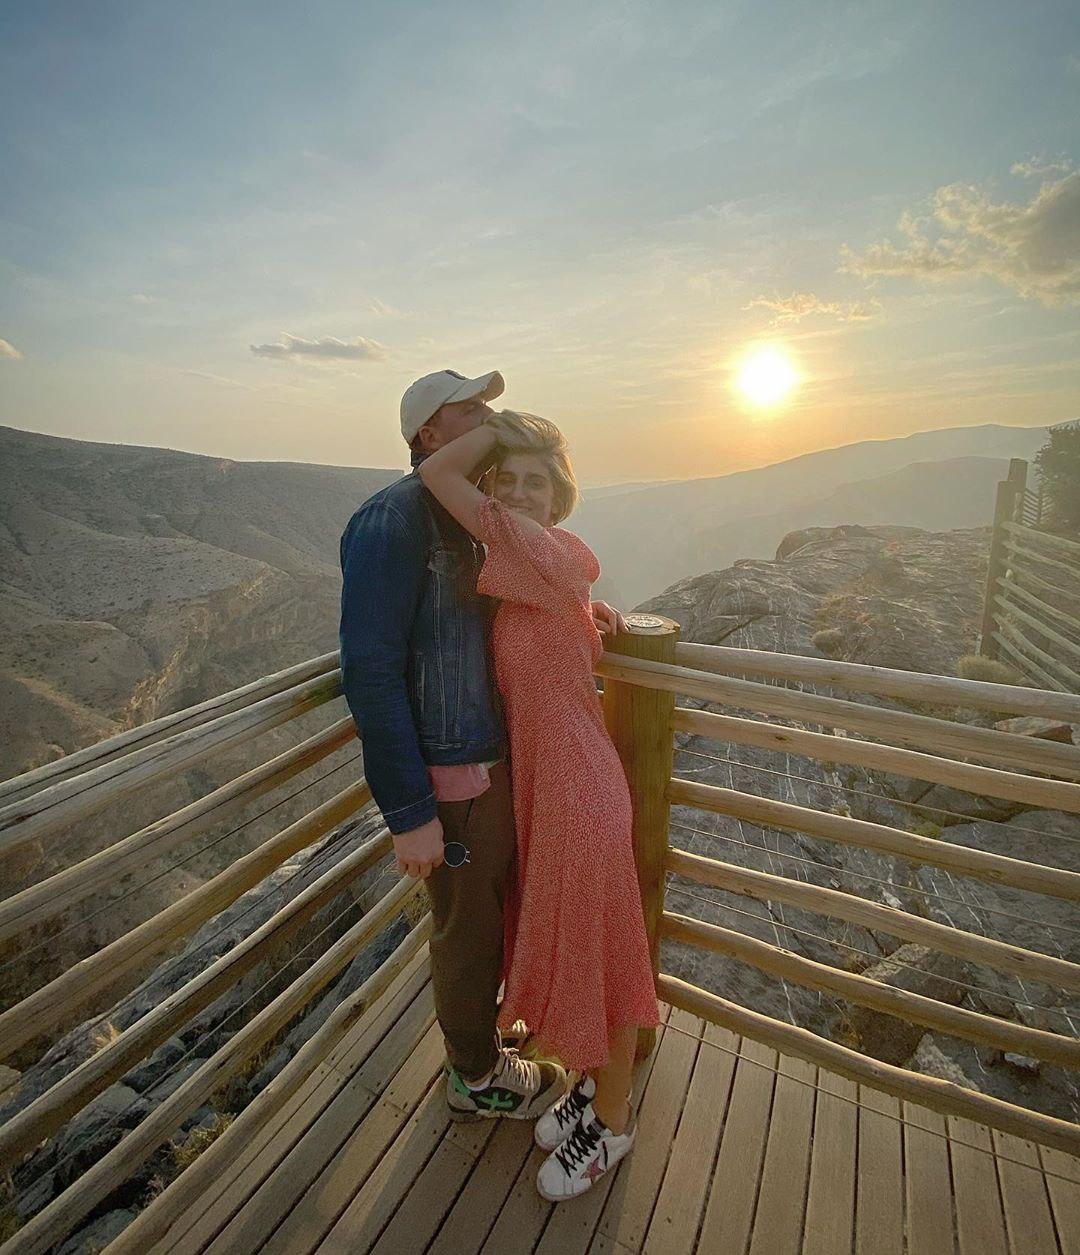 Виторган опубликовал трогательное фото с возлюбленной